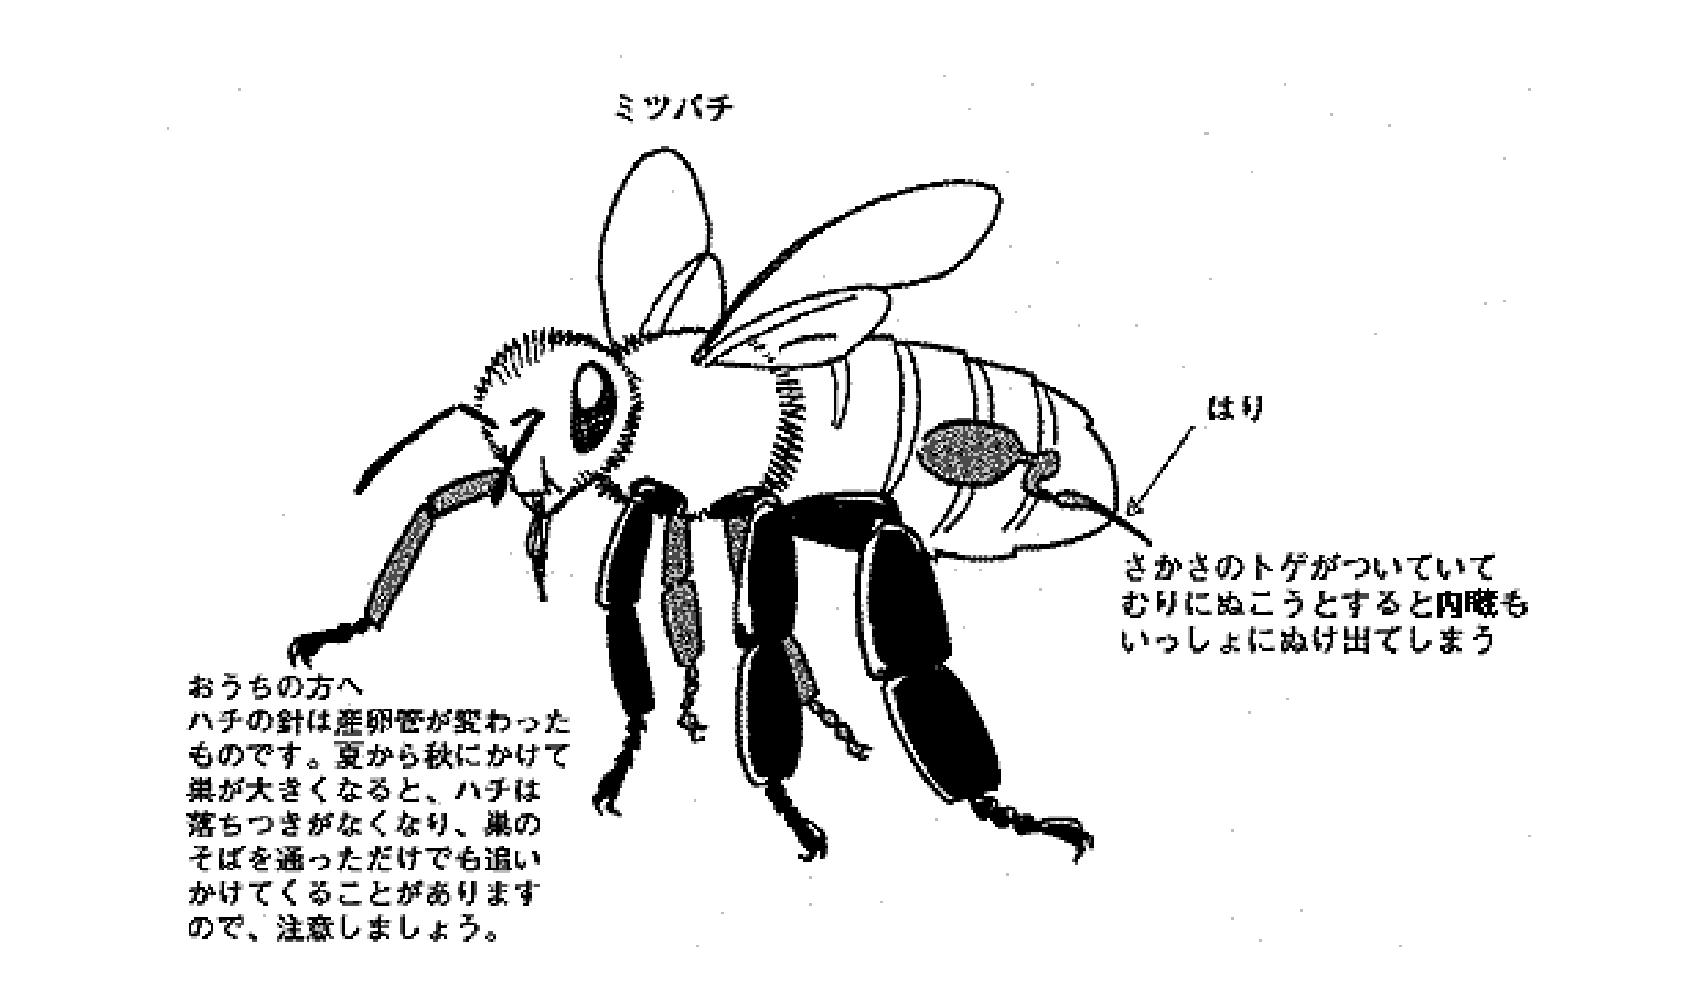 ハチはさすと自分も死ぬの